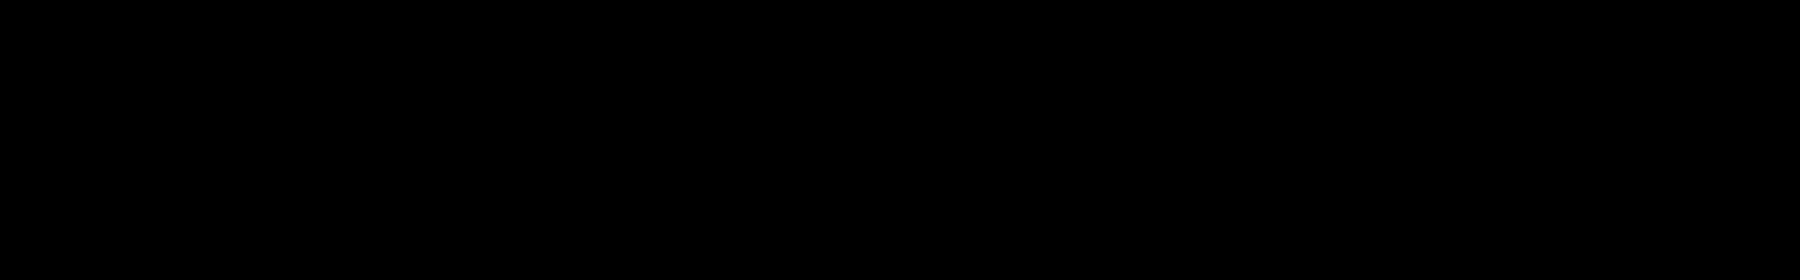 Vapour - Drum Samples audio waveform